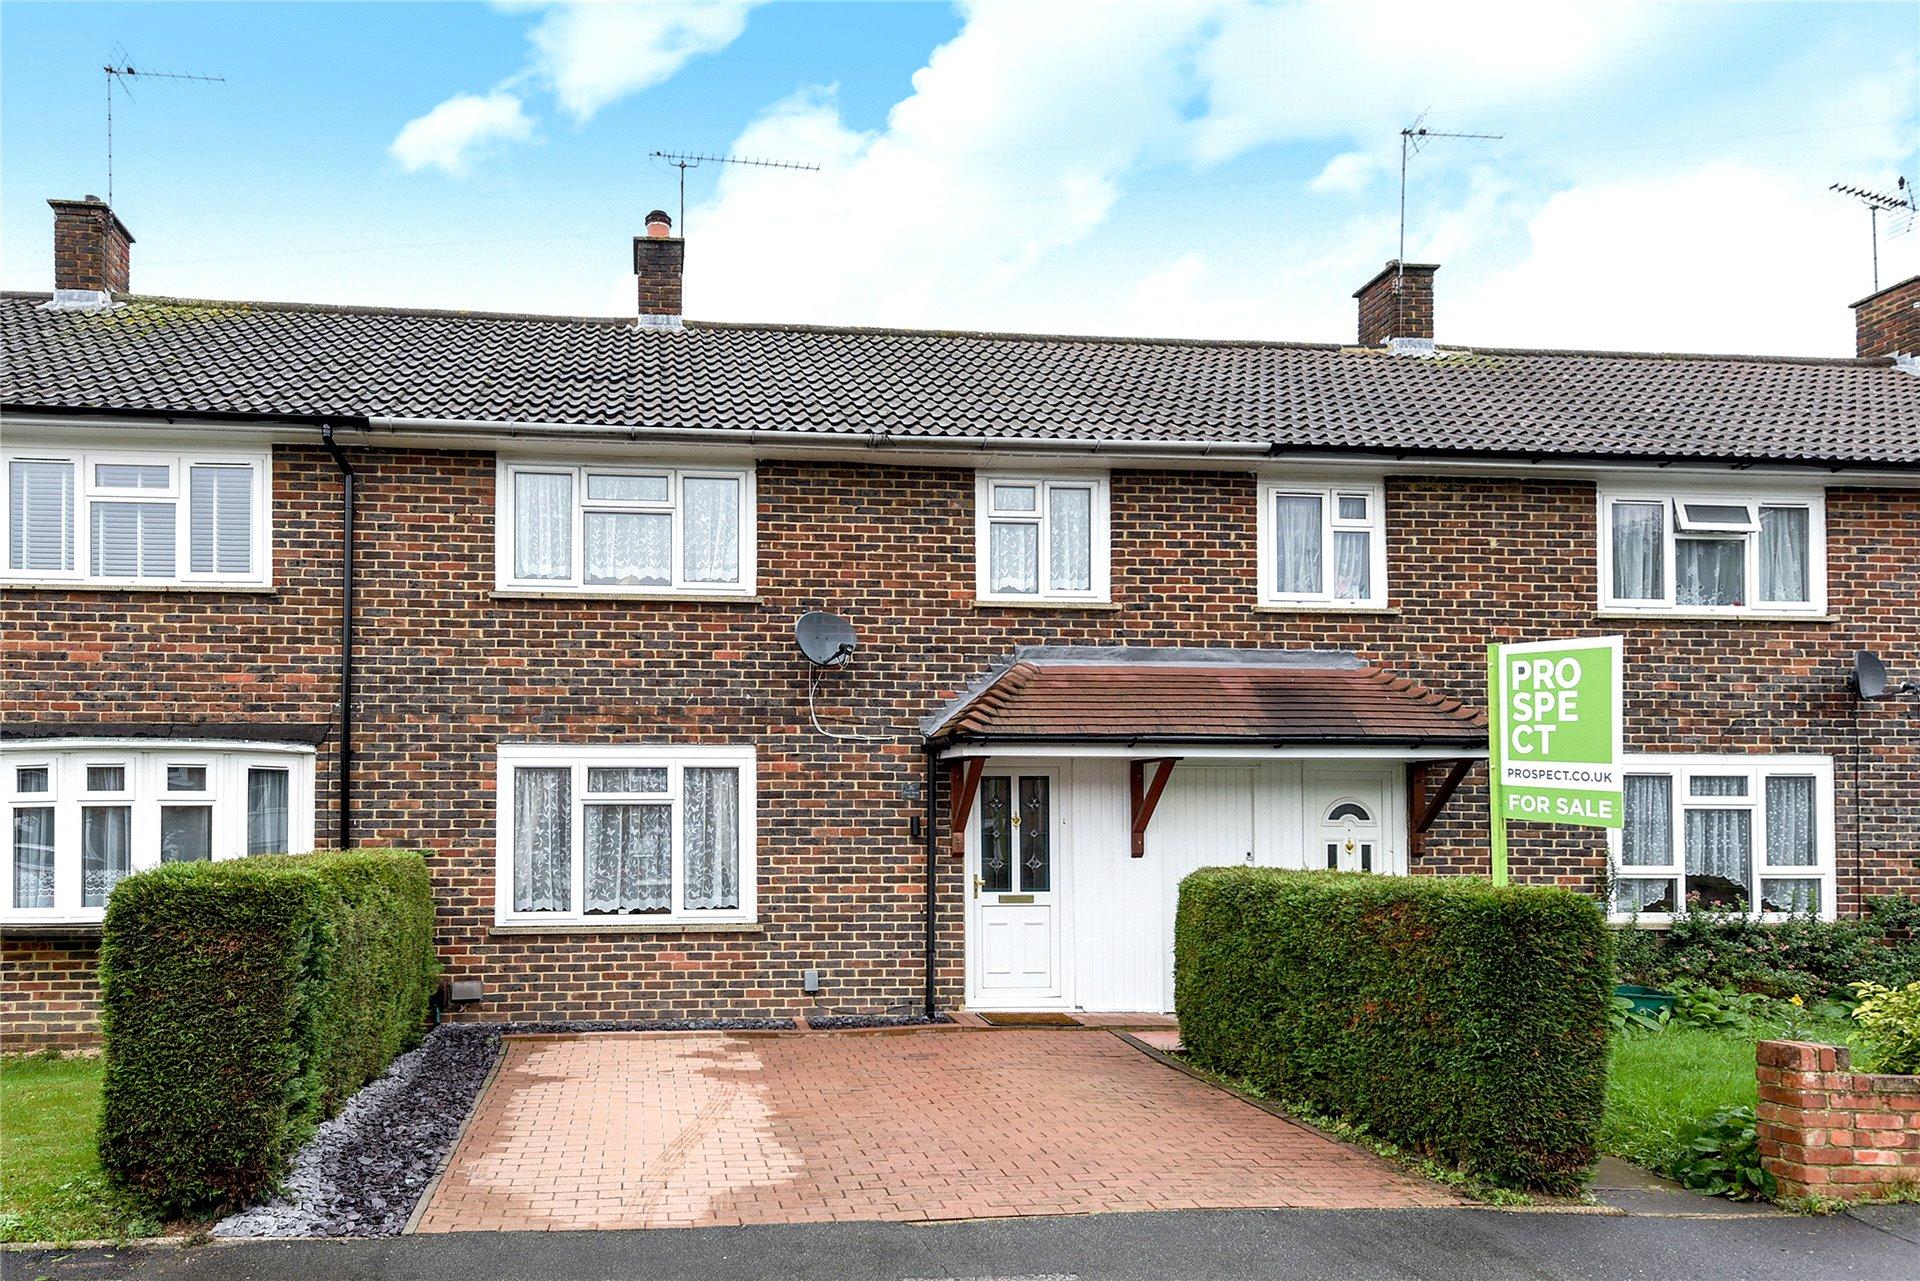 3 Bedrooms Terraced House for sale in Pondmoor Road, Bracknell, Berkshire, RG12